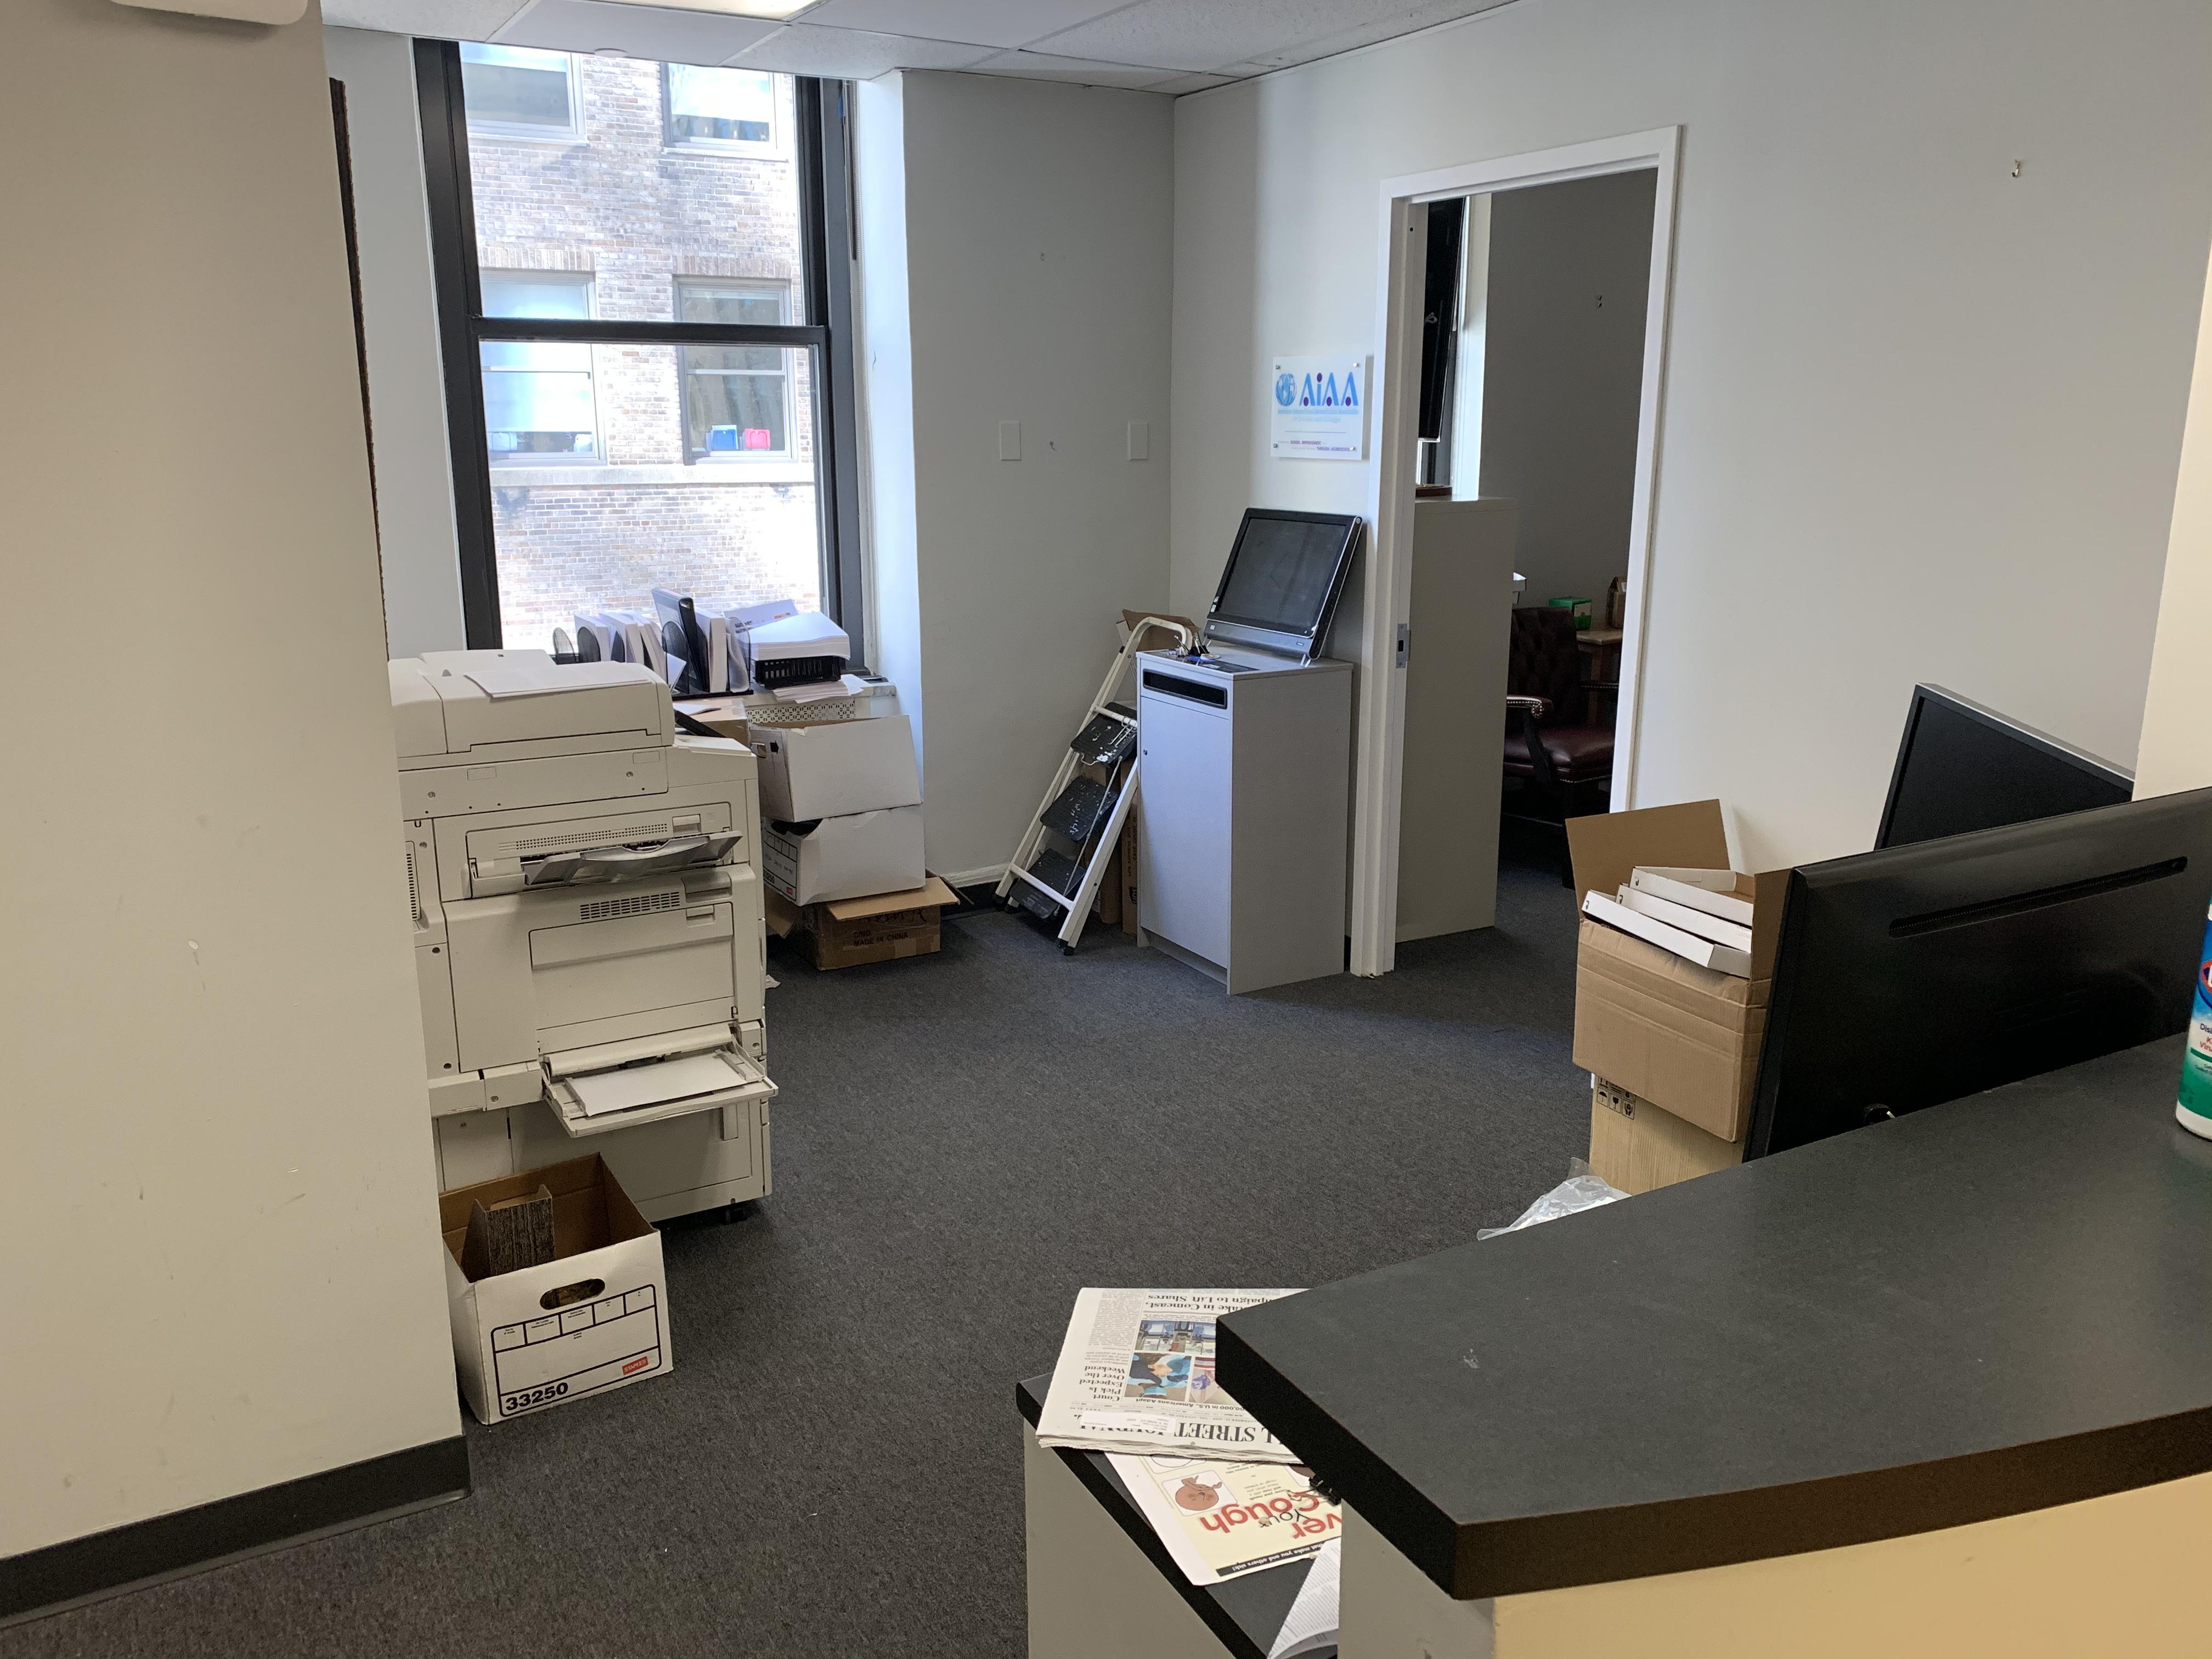 315 Madison Ave, 21st Floor New York City, NY 10017